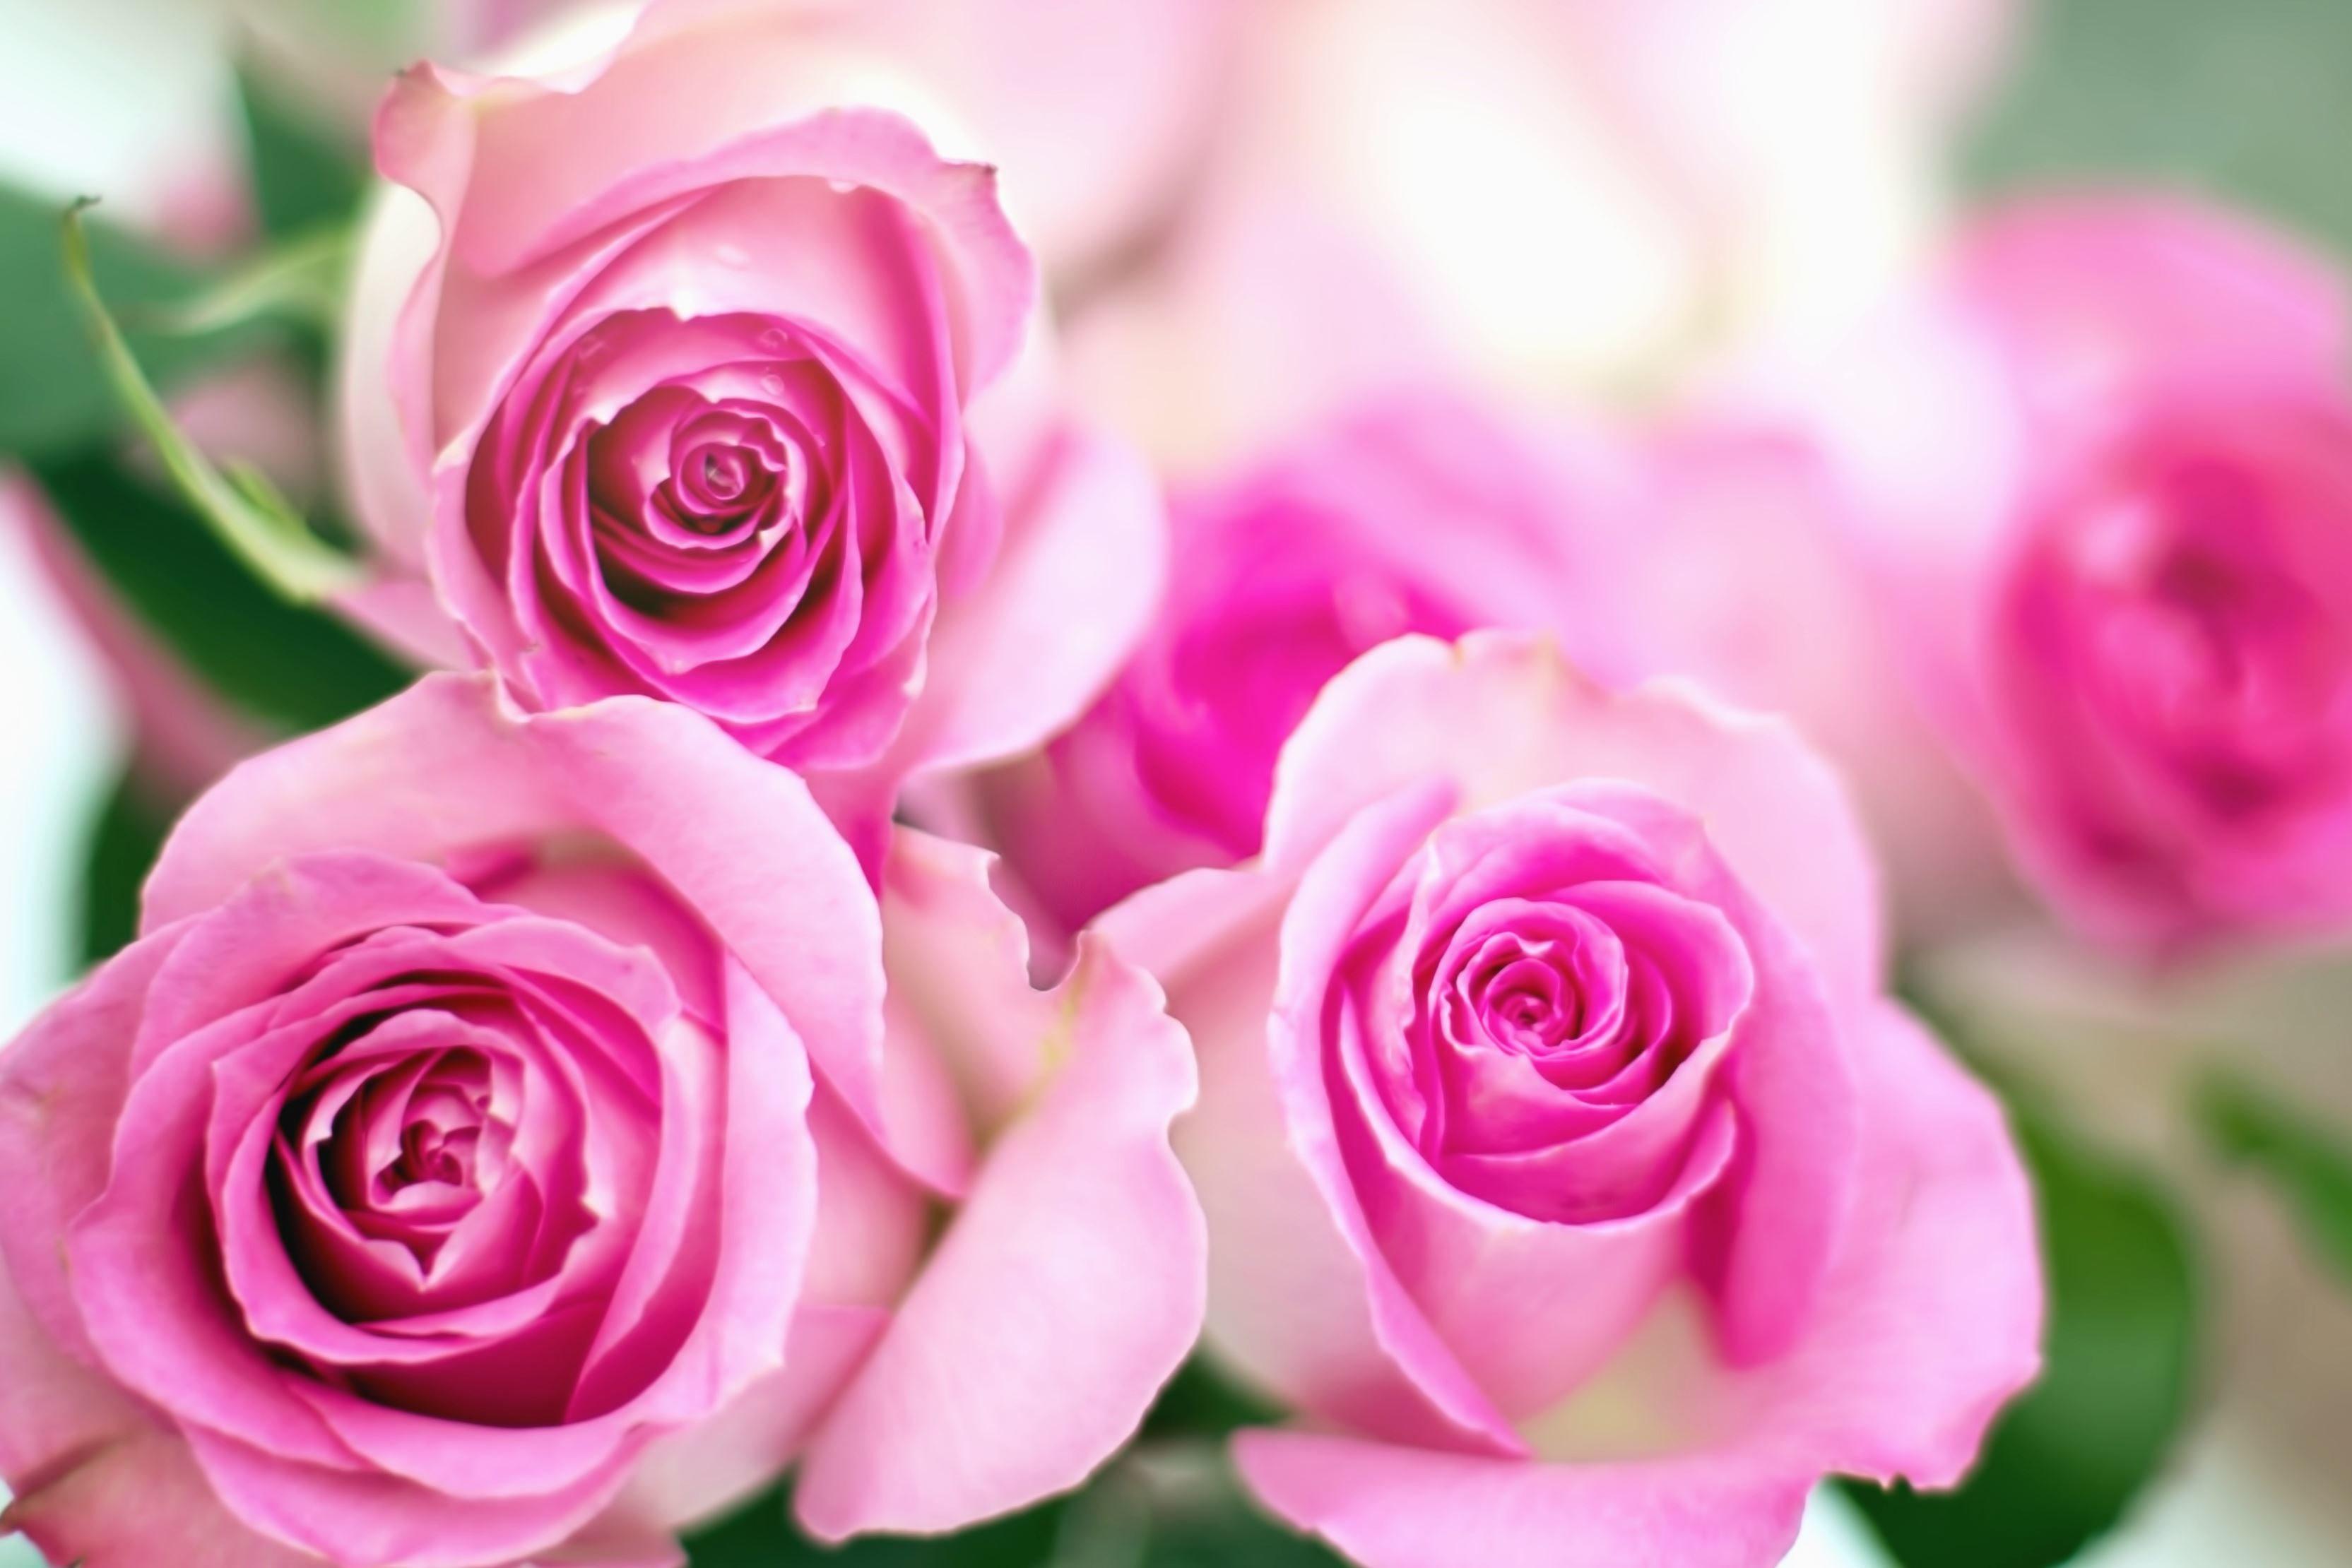 Gratis Afbeelding Rozen Bud Bloemblad Bloem Roze Blad Tuin